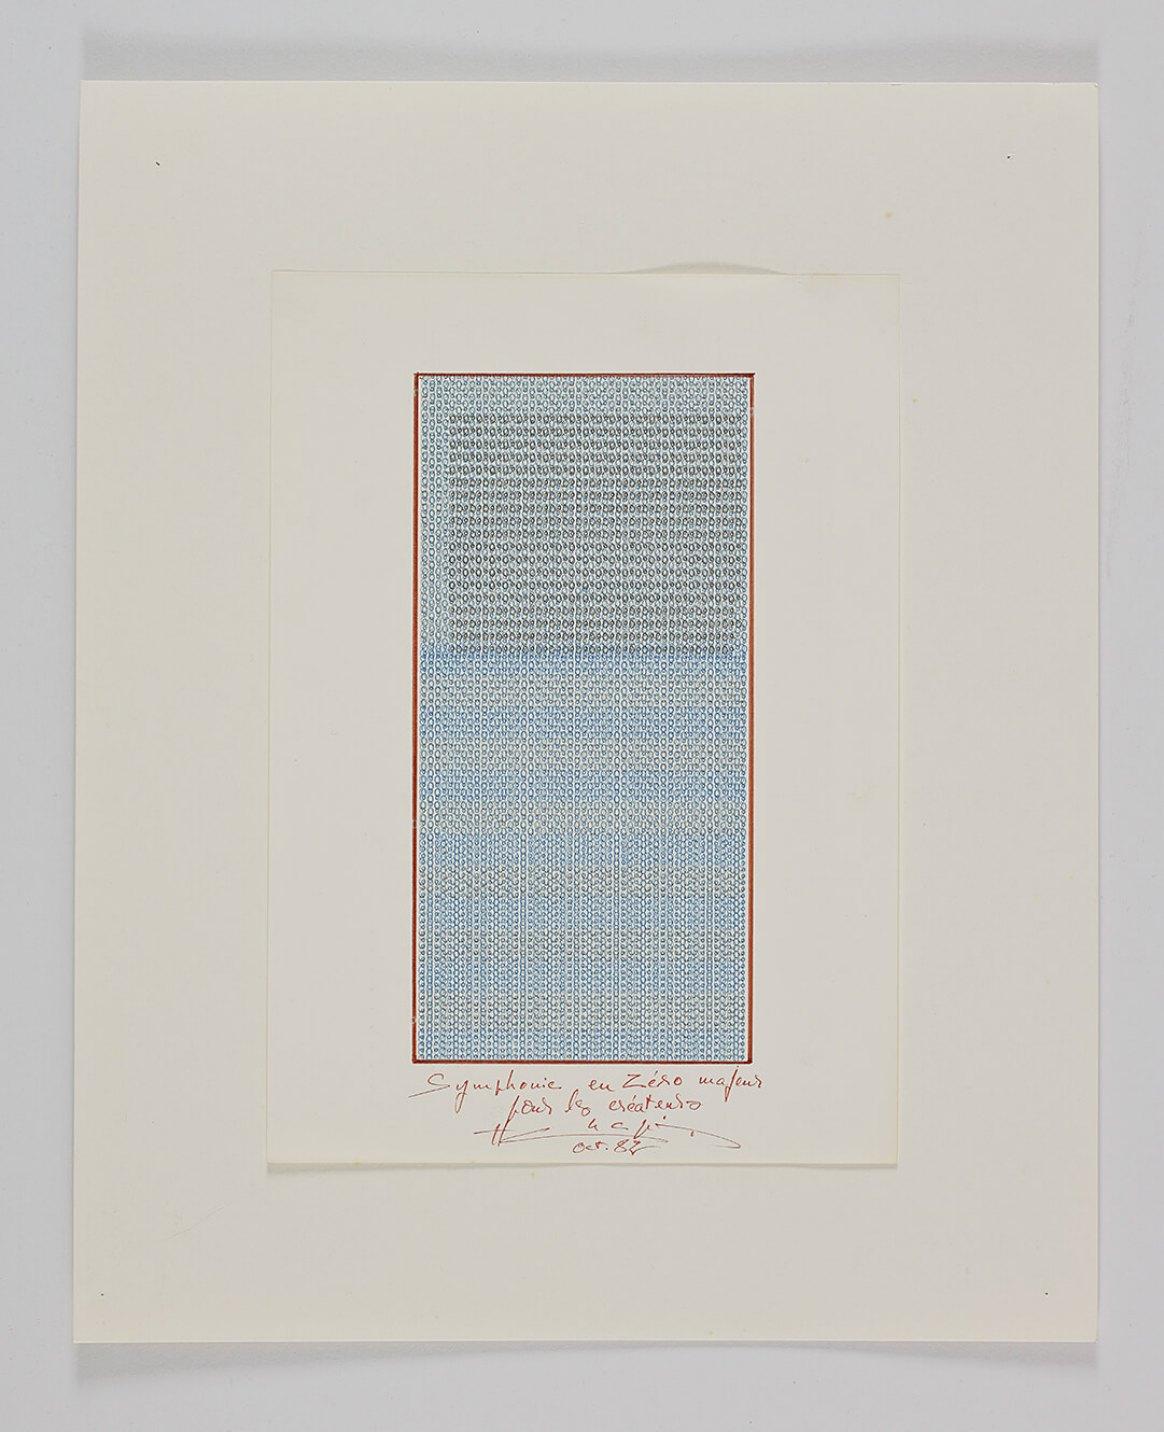 Henri Chopin, <em>Symphonie en Zèro majeur pour les createurs</em>, 1982, ink on paper (typewritten poems), 29.7 × 21 cm - Mendes Wood DM